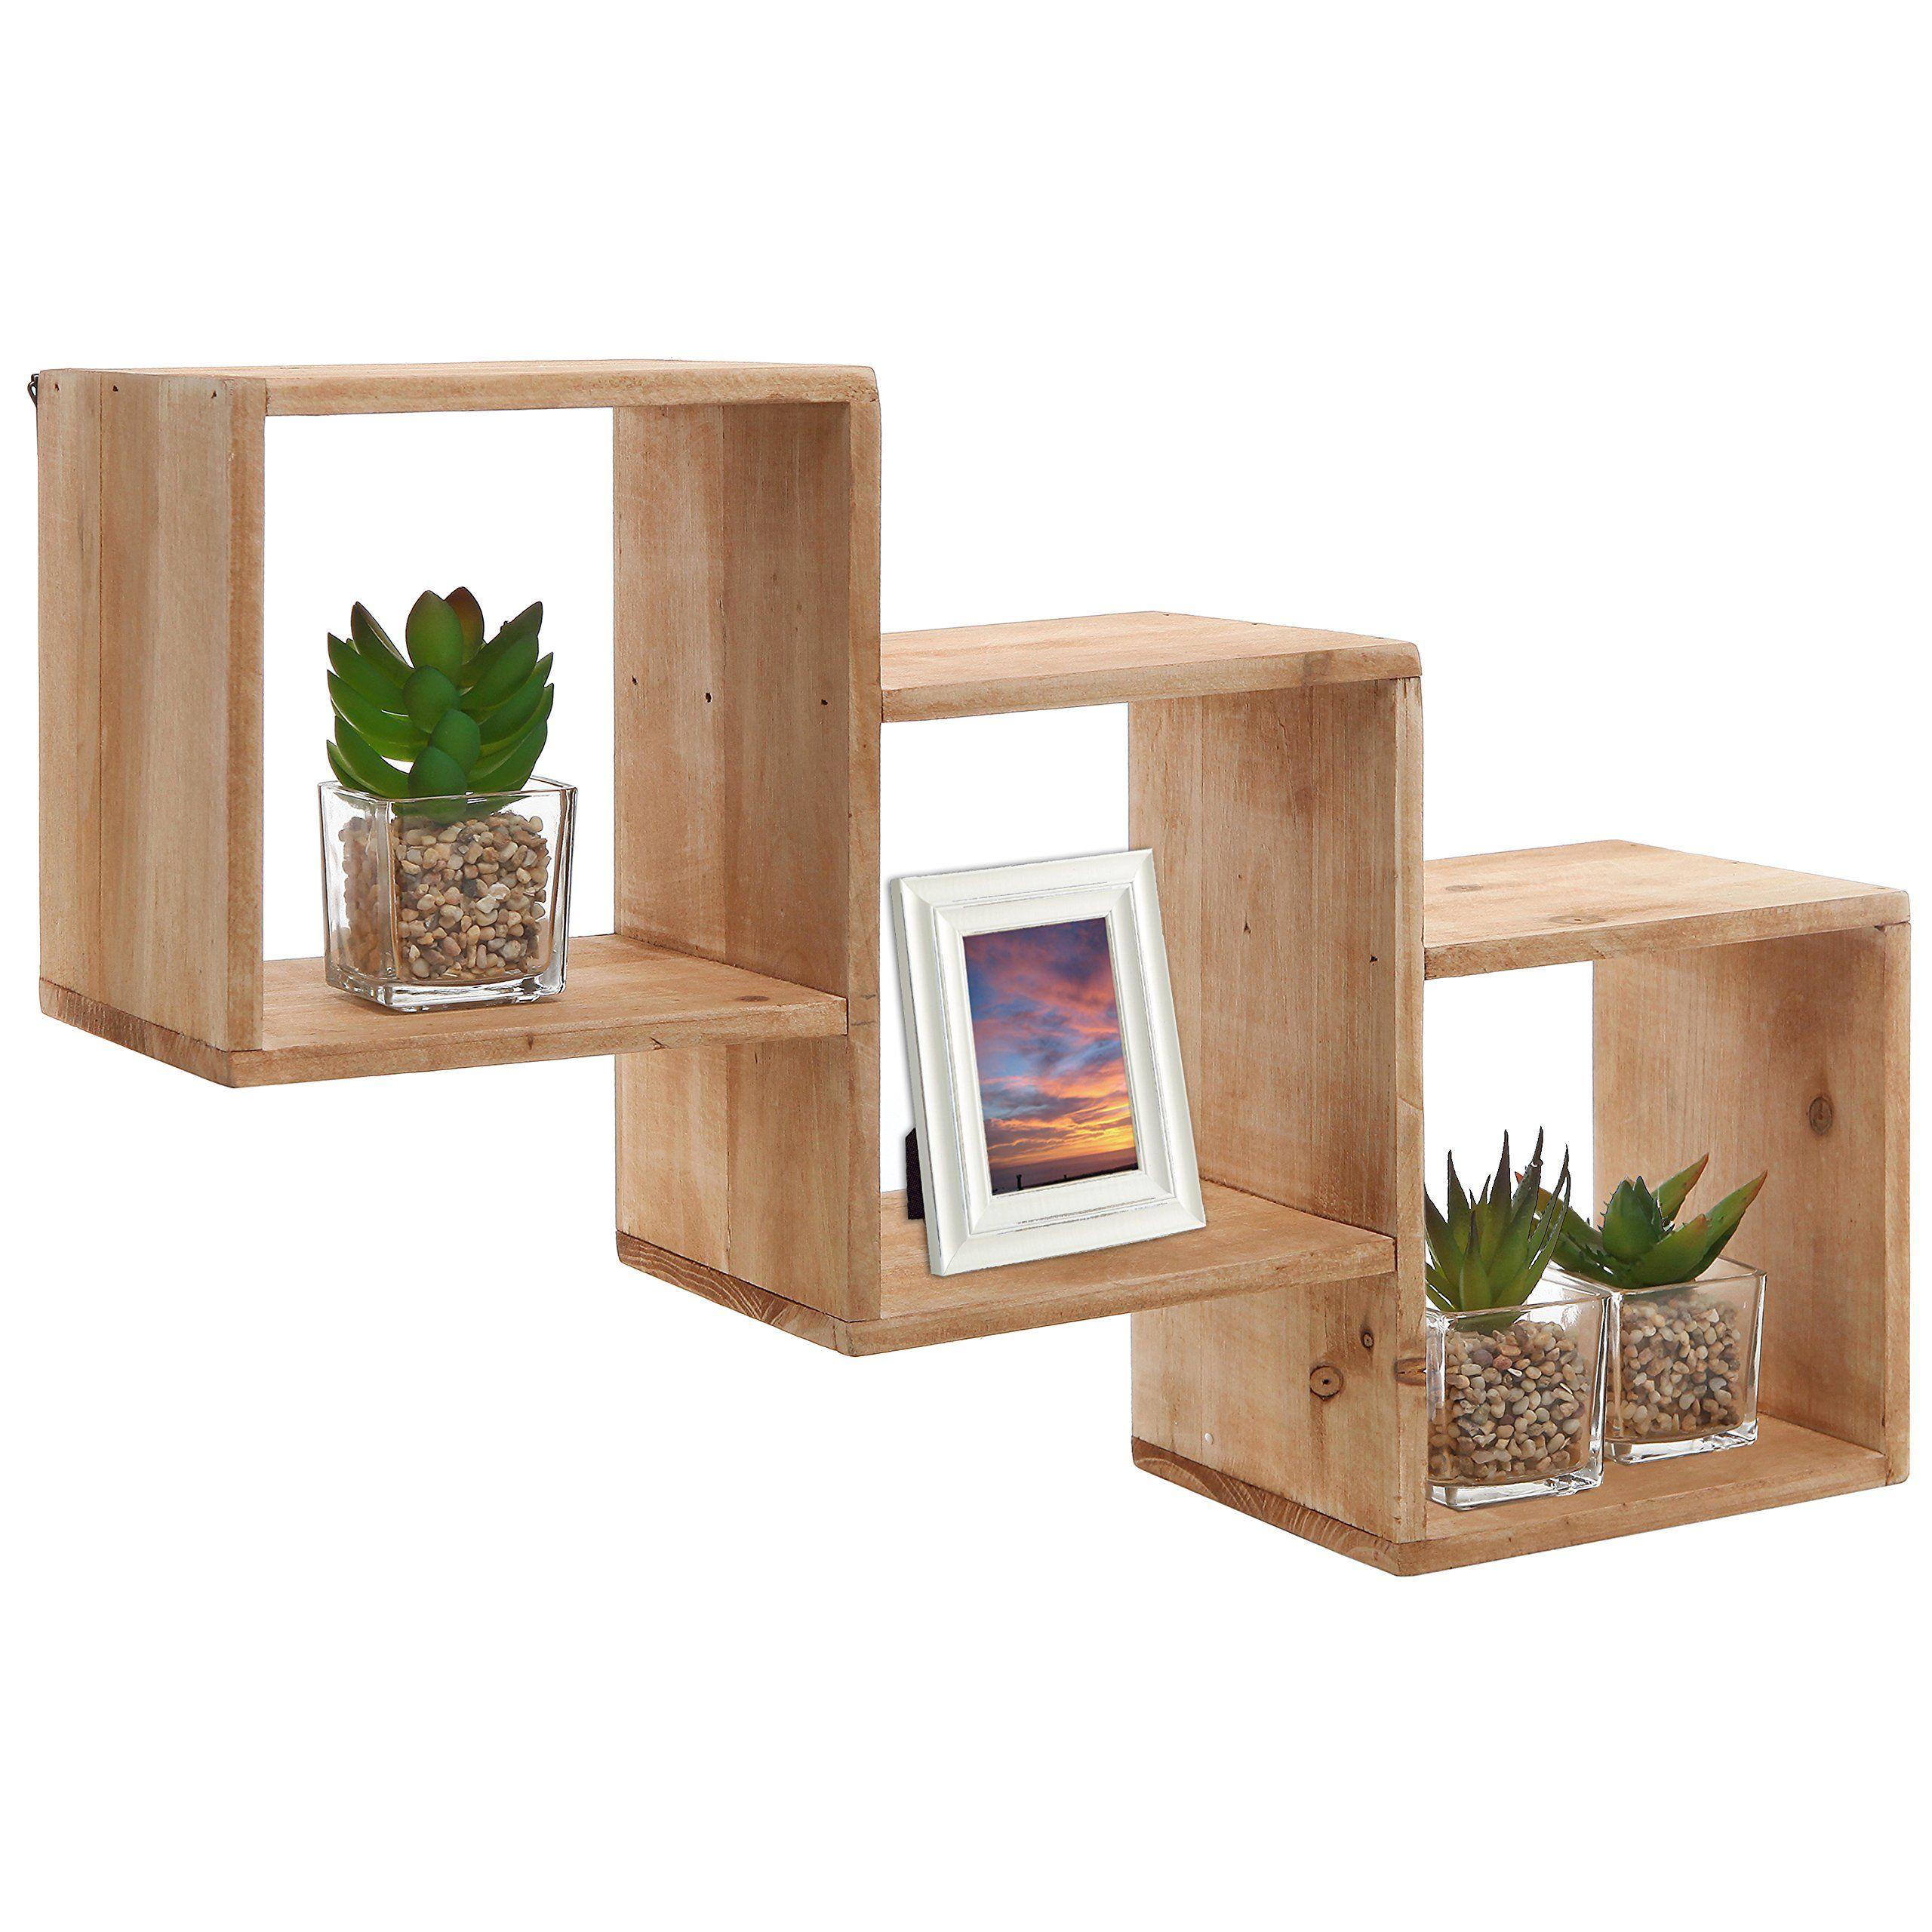 Fullsize Of Small Square Floating Shelves